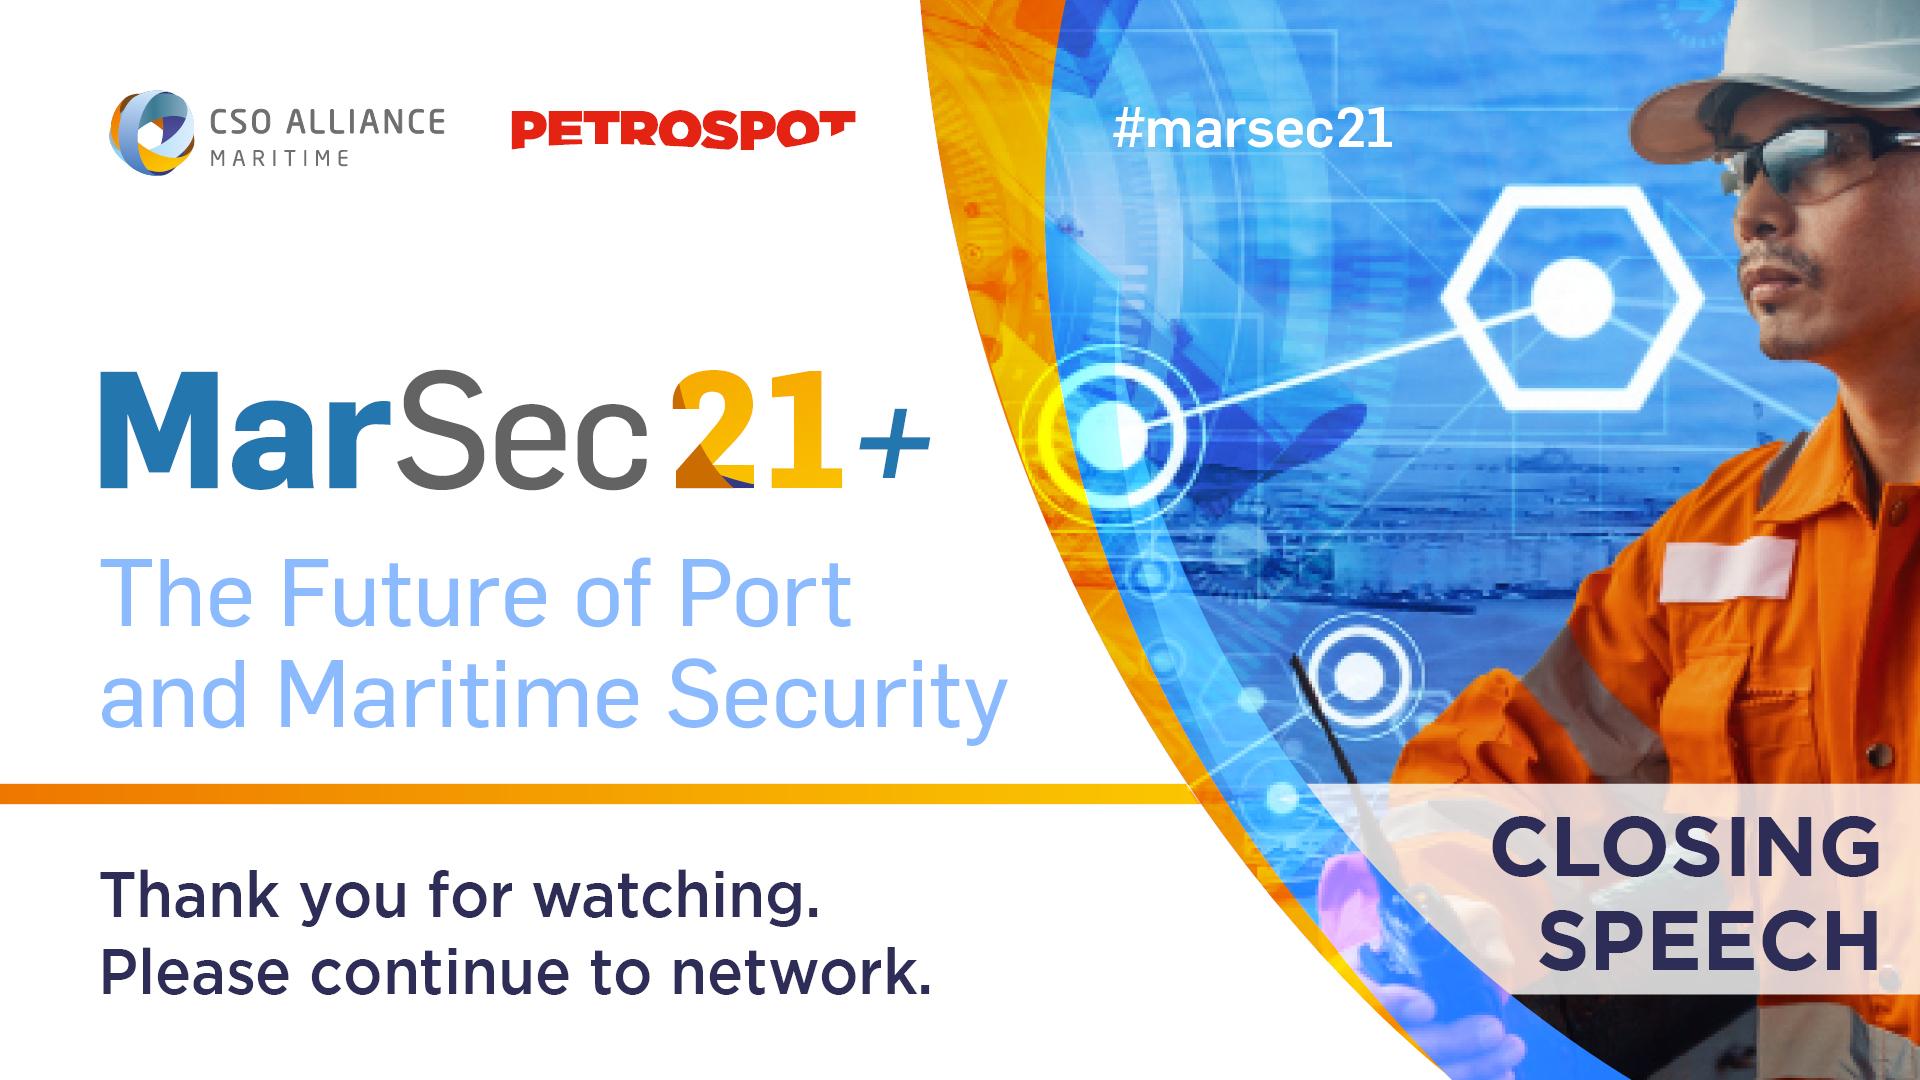 MarSec 21+ Closing remarks